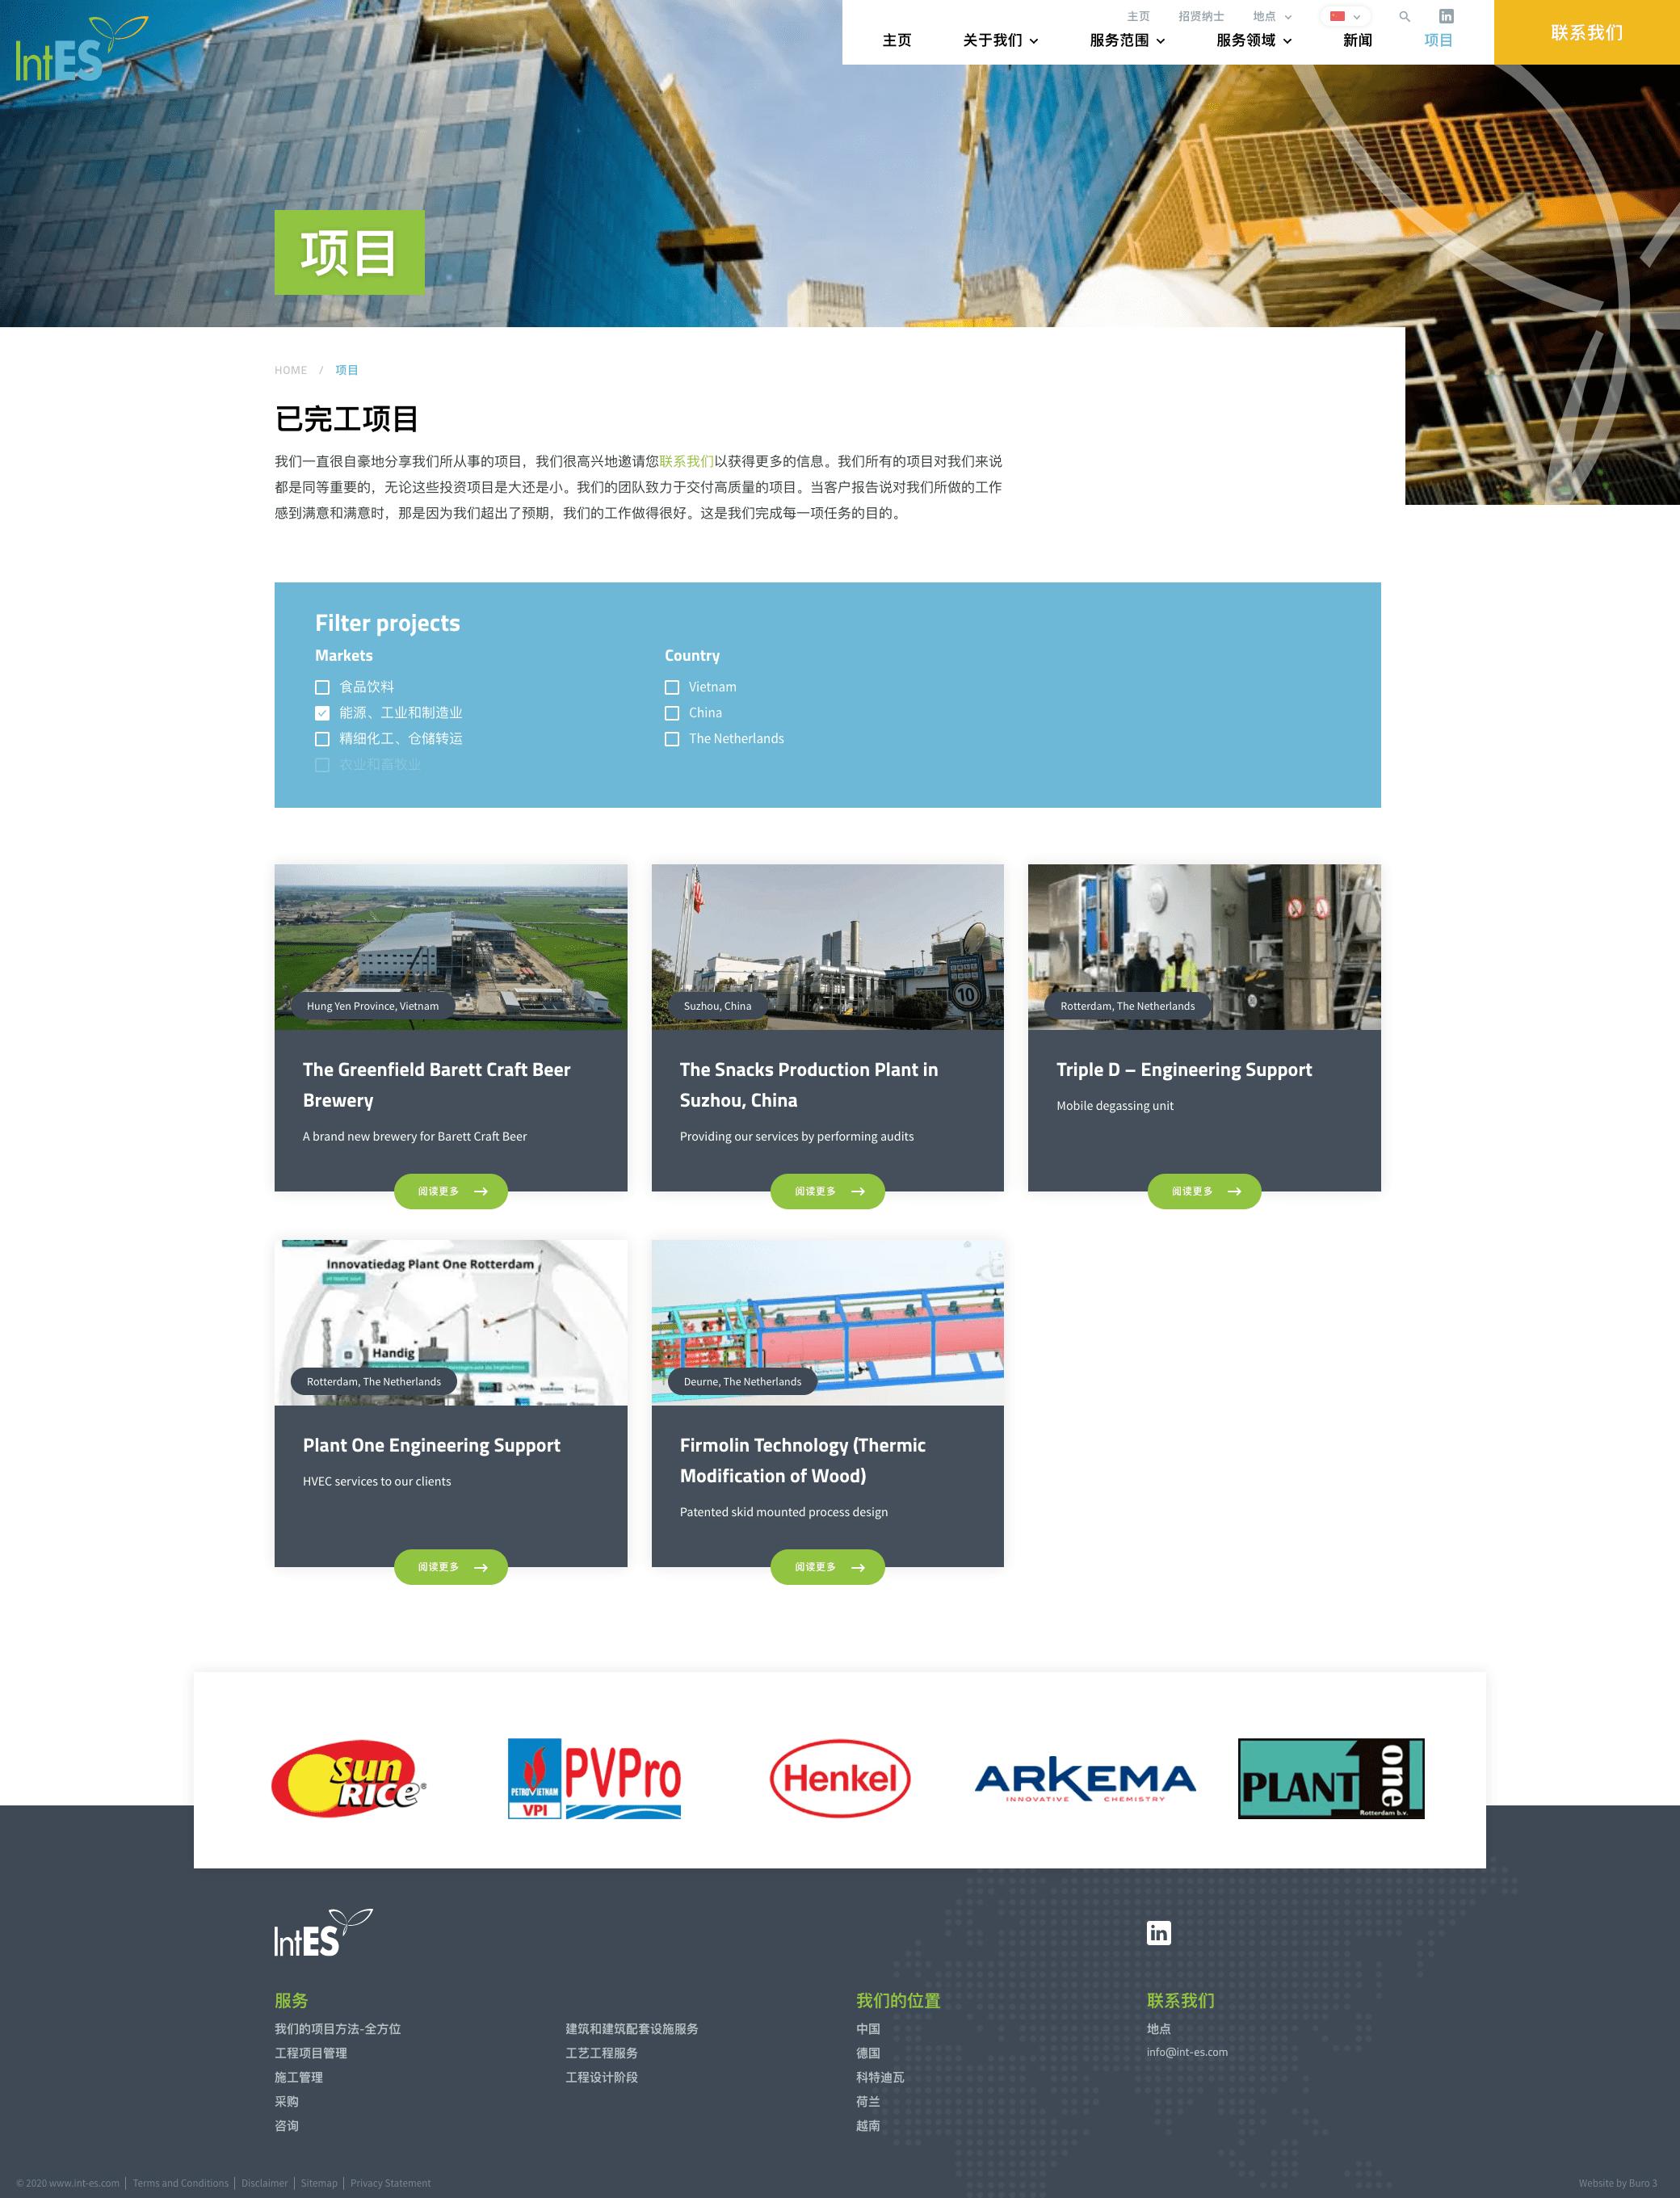 Projecten pagina van IntES in het Chinees